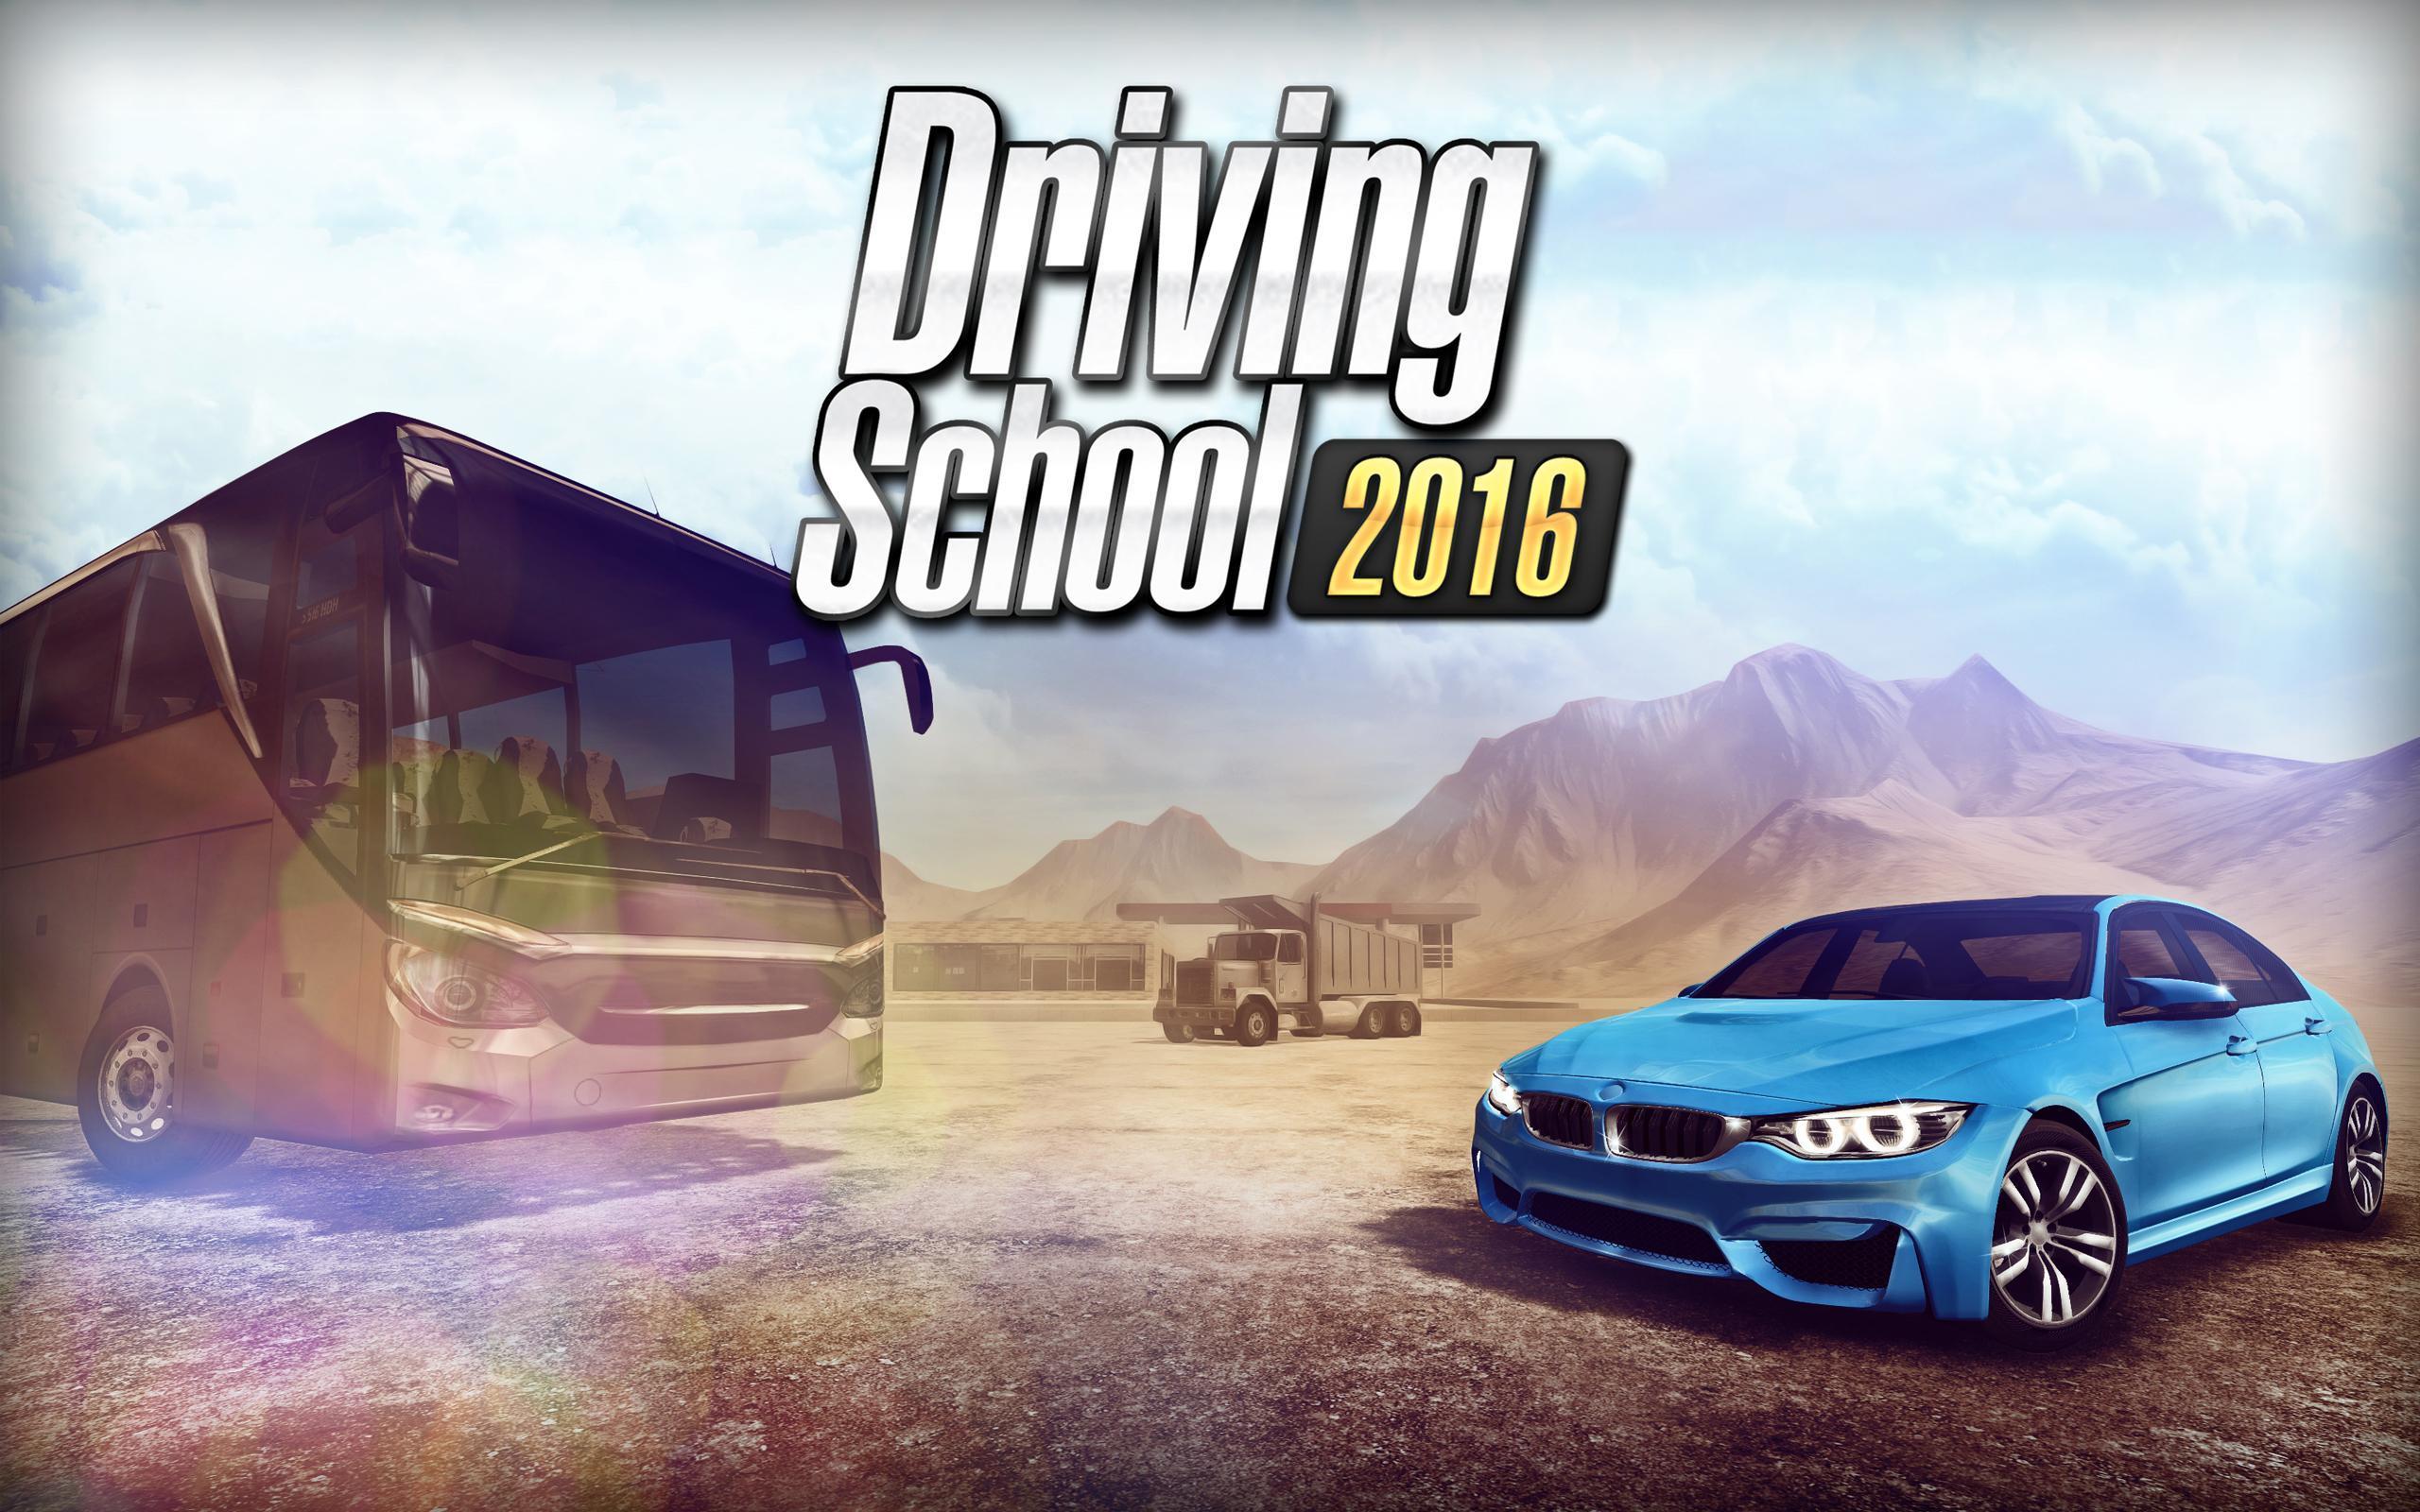 驾驶学校2016中文版下载